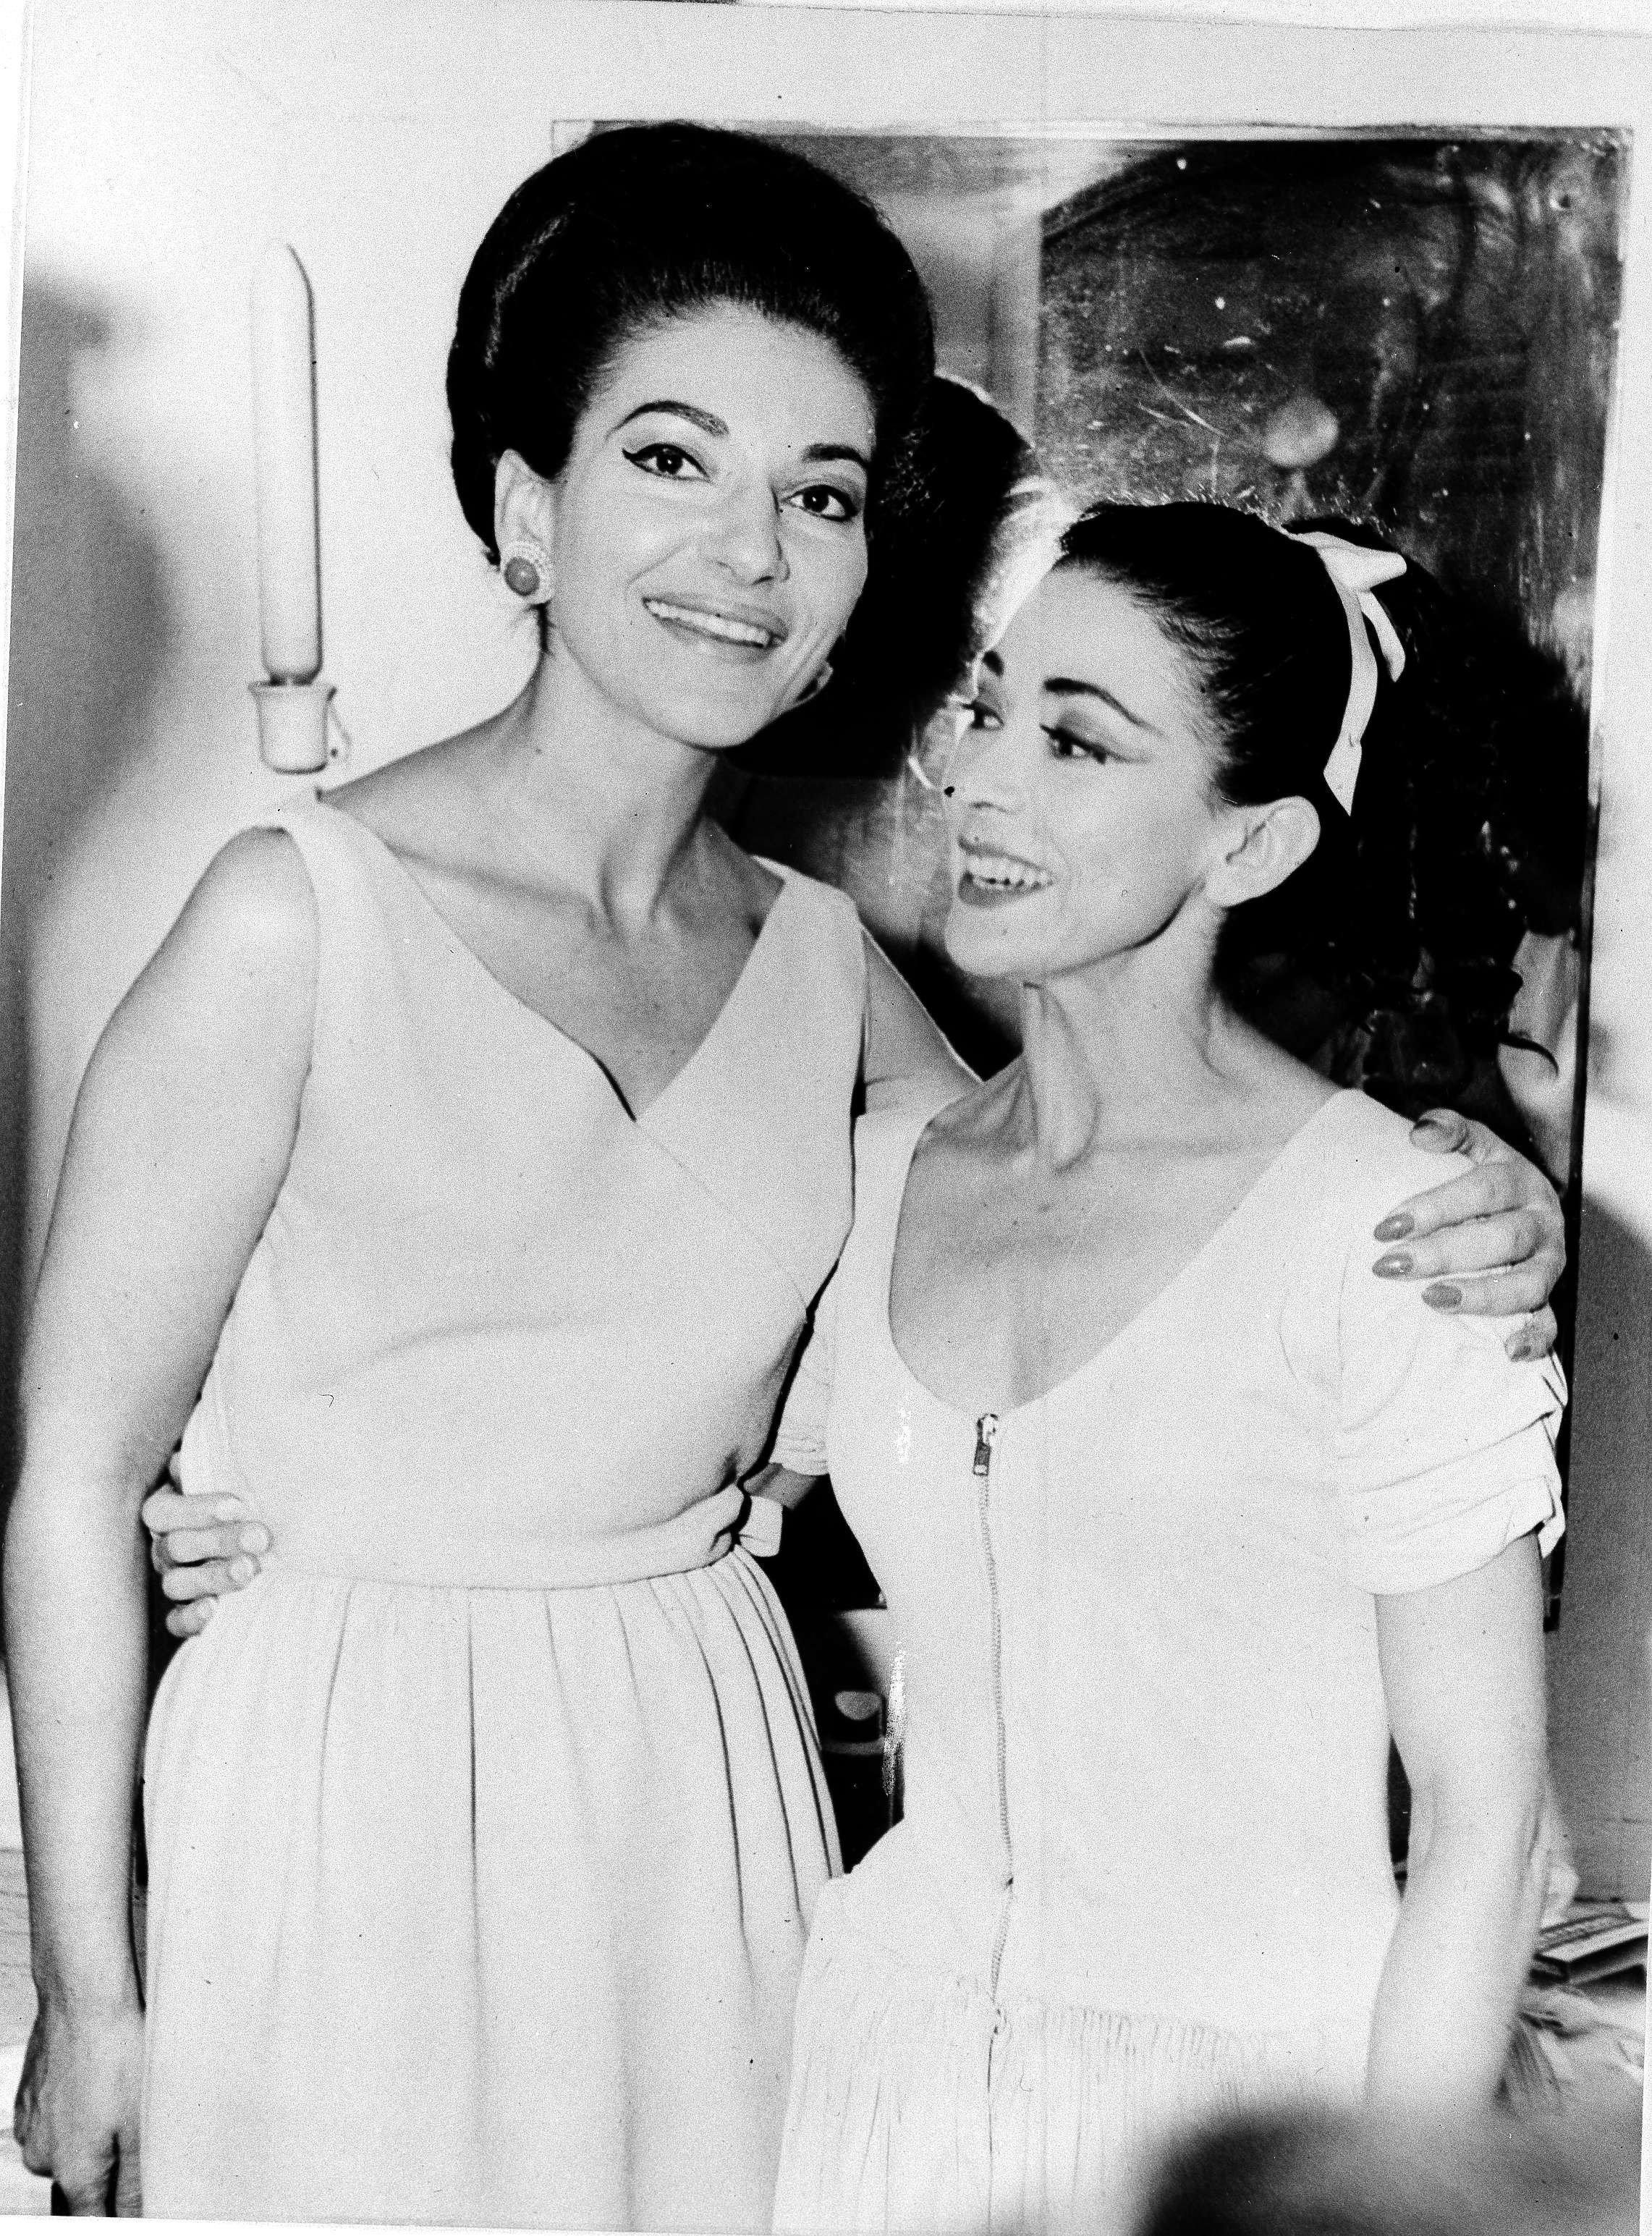 მარია კალასი პრიმა-ბალერინა მარგო ფონტეინთან ერთად